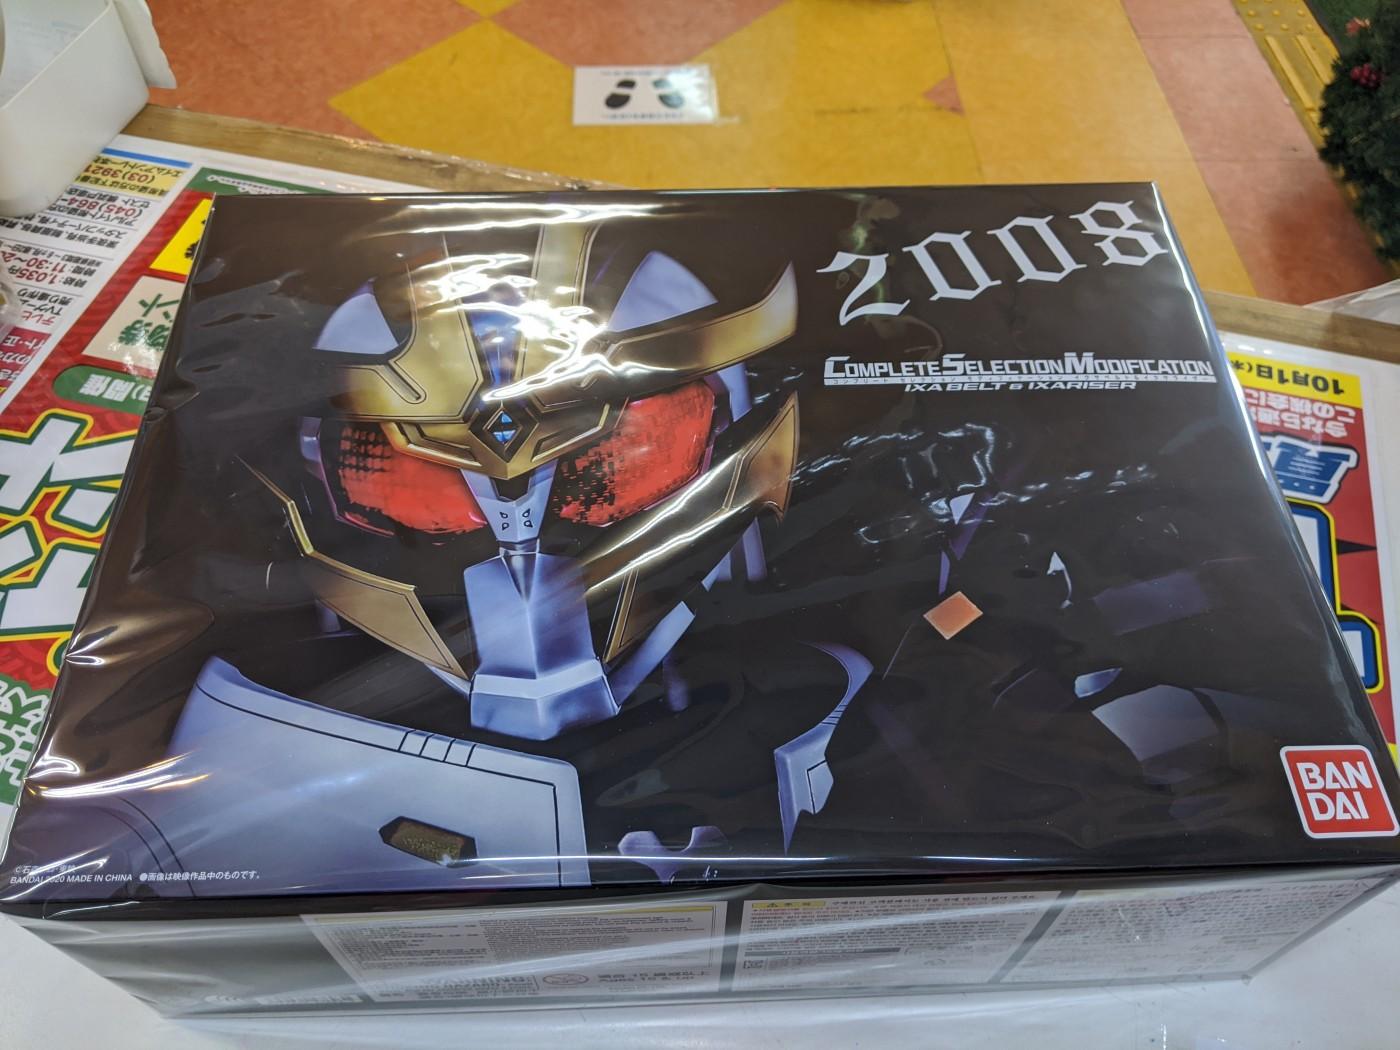 買取情報『バンダイの仮面ライダーシリーズ > CSMイクサベルト&イクサライザー』